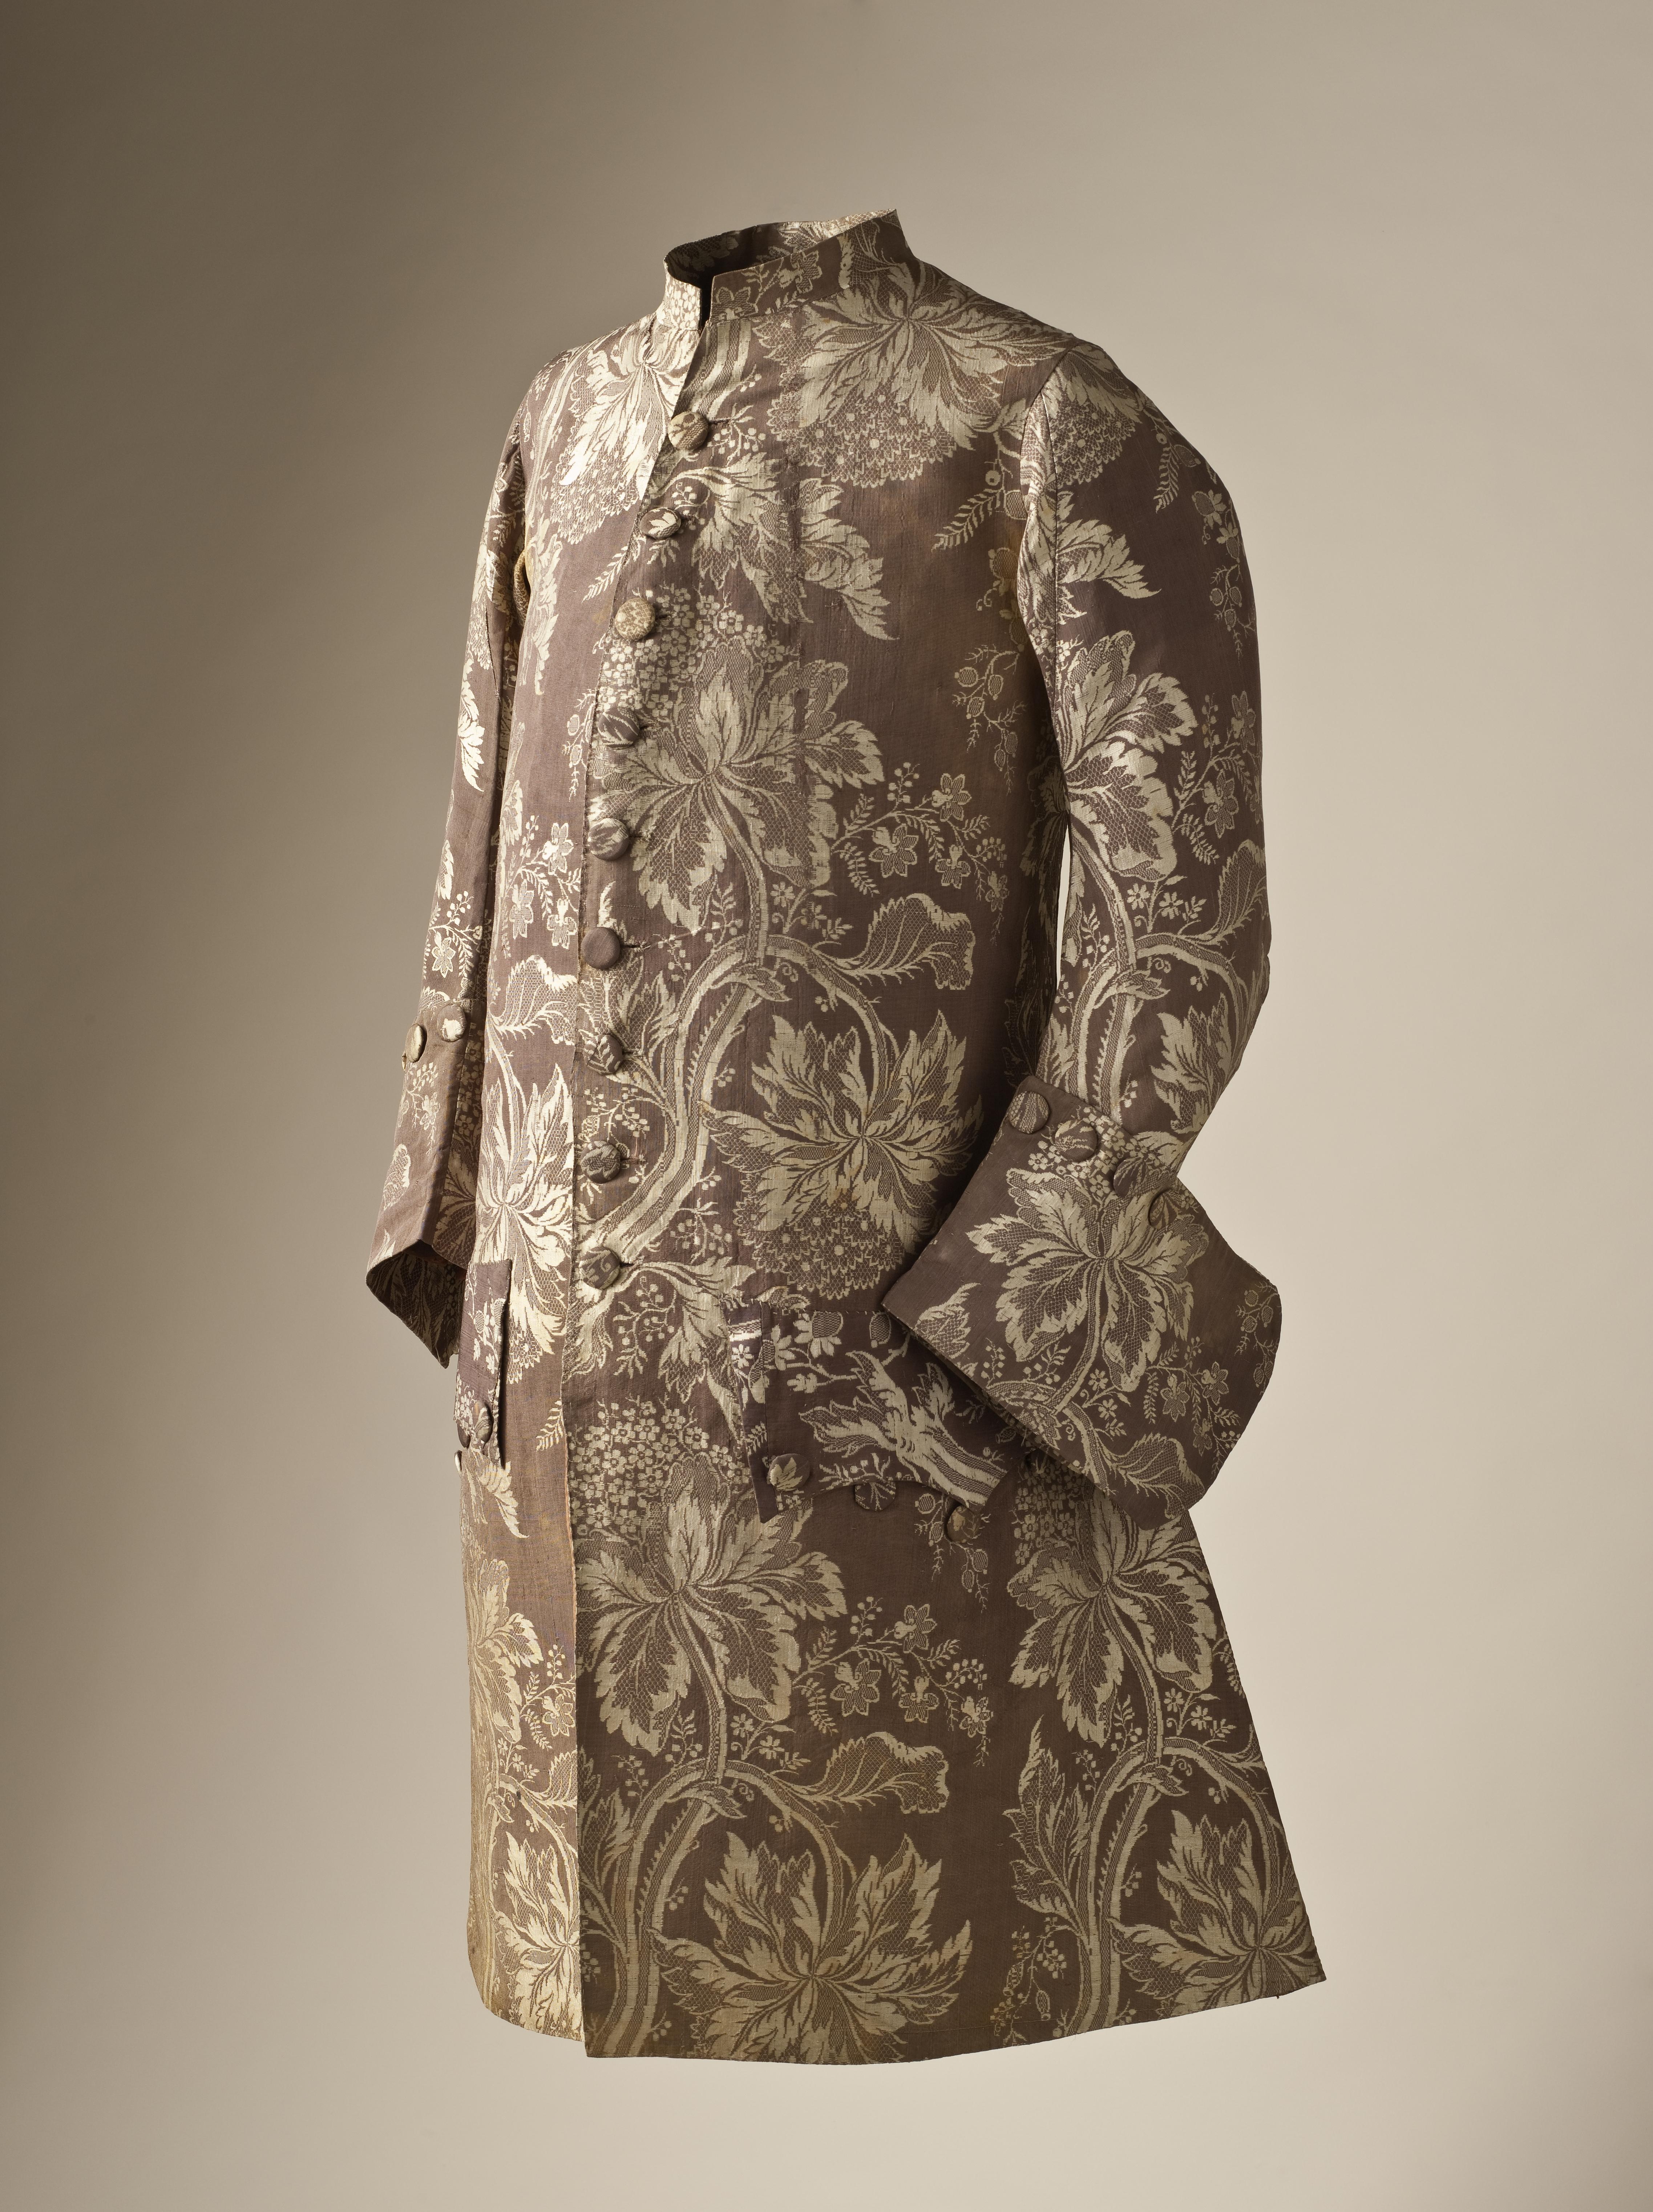 manteau-soie-lampas-1745-50-los-angeles-county-museum-of-art